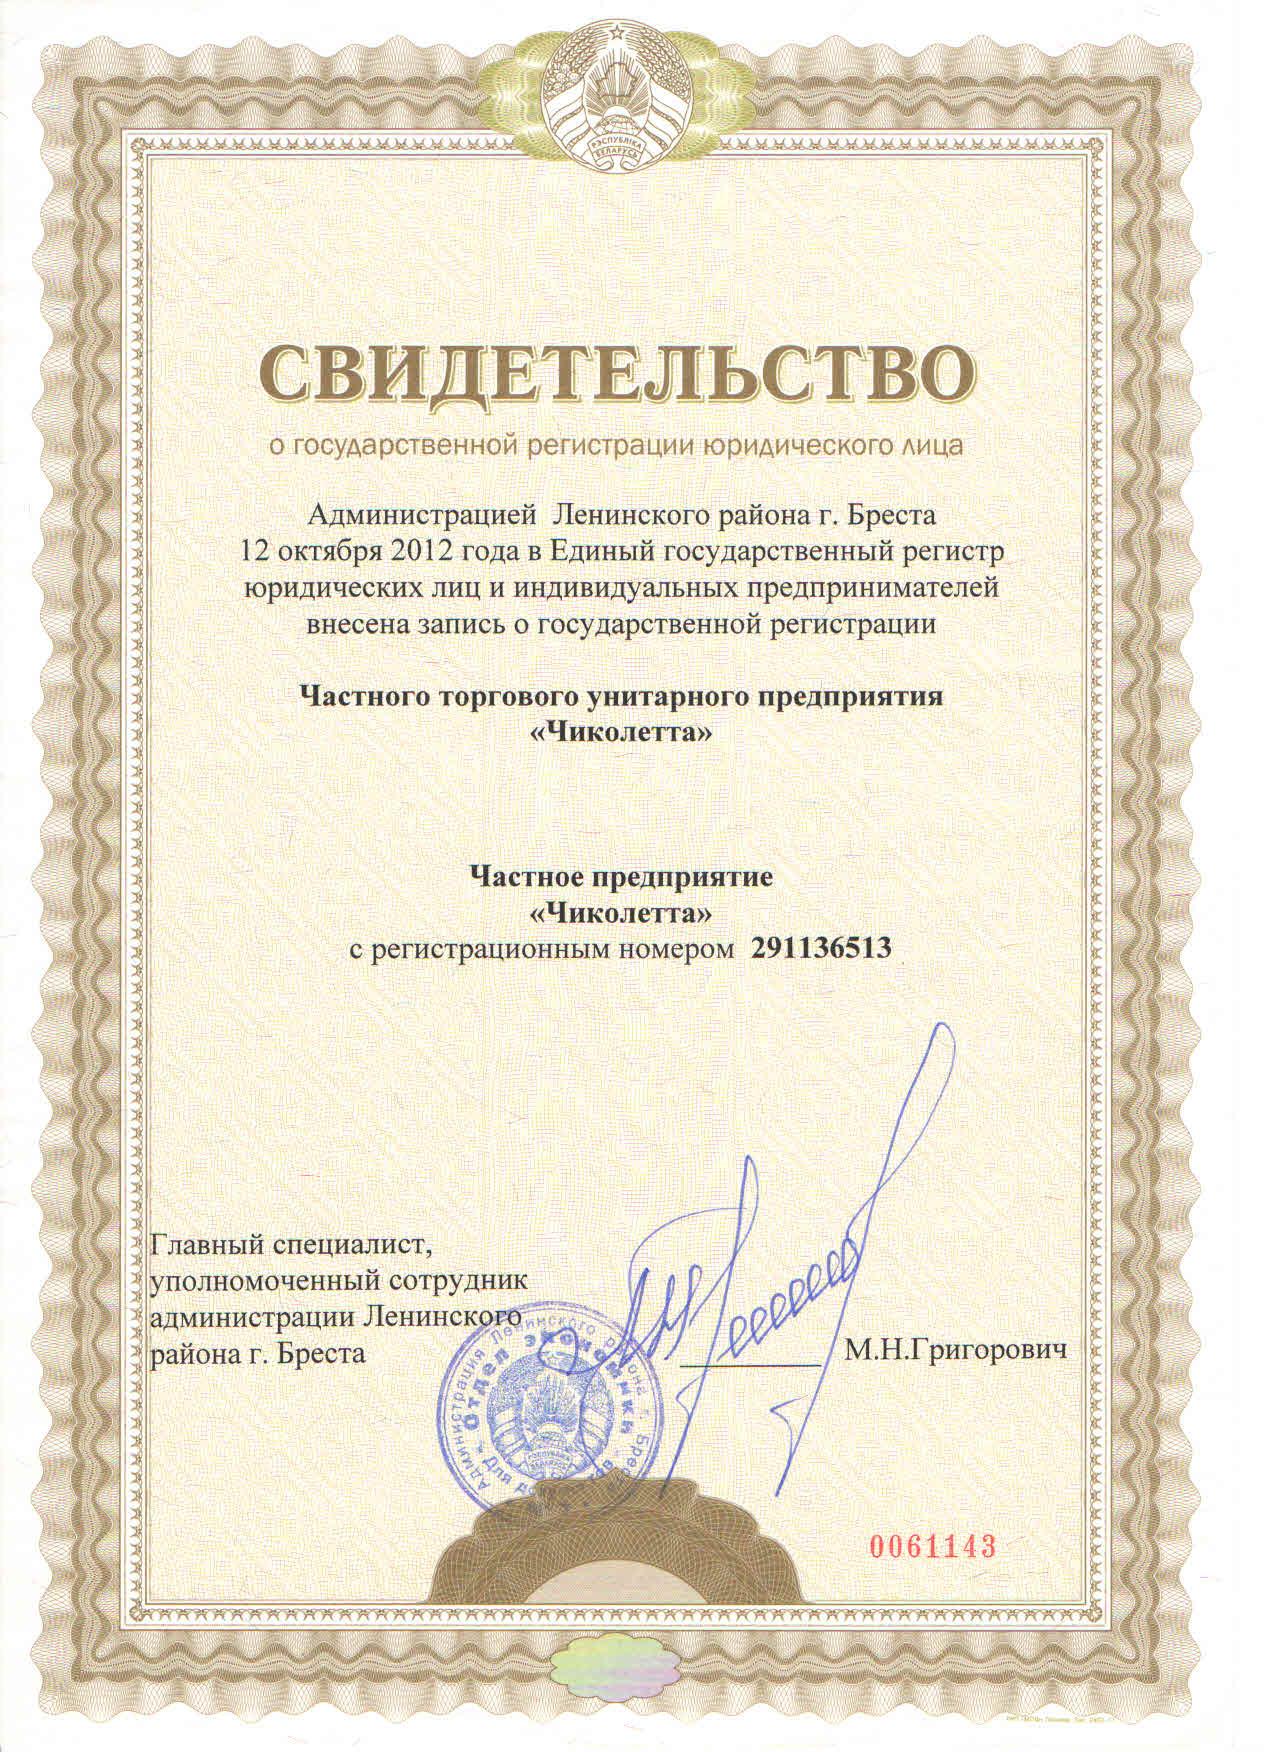 Регистрация ип в бресте ленинский район подаче налоговой декларации по форме 3 ндфл